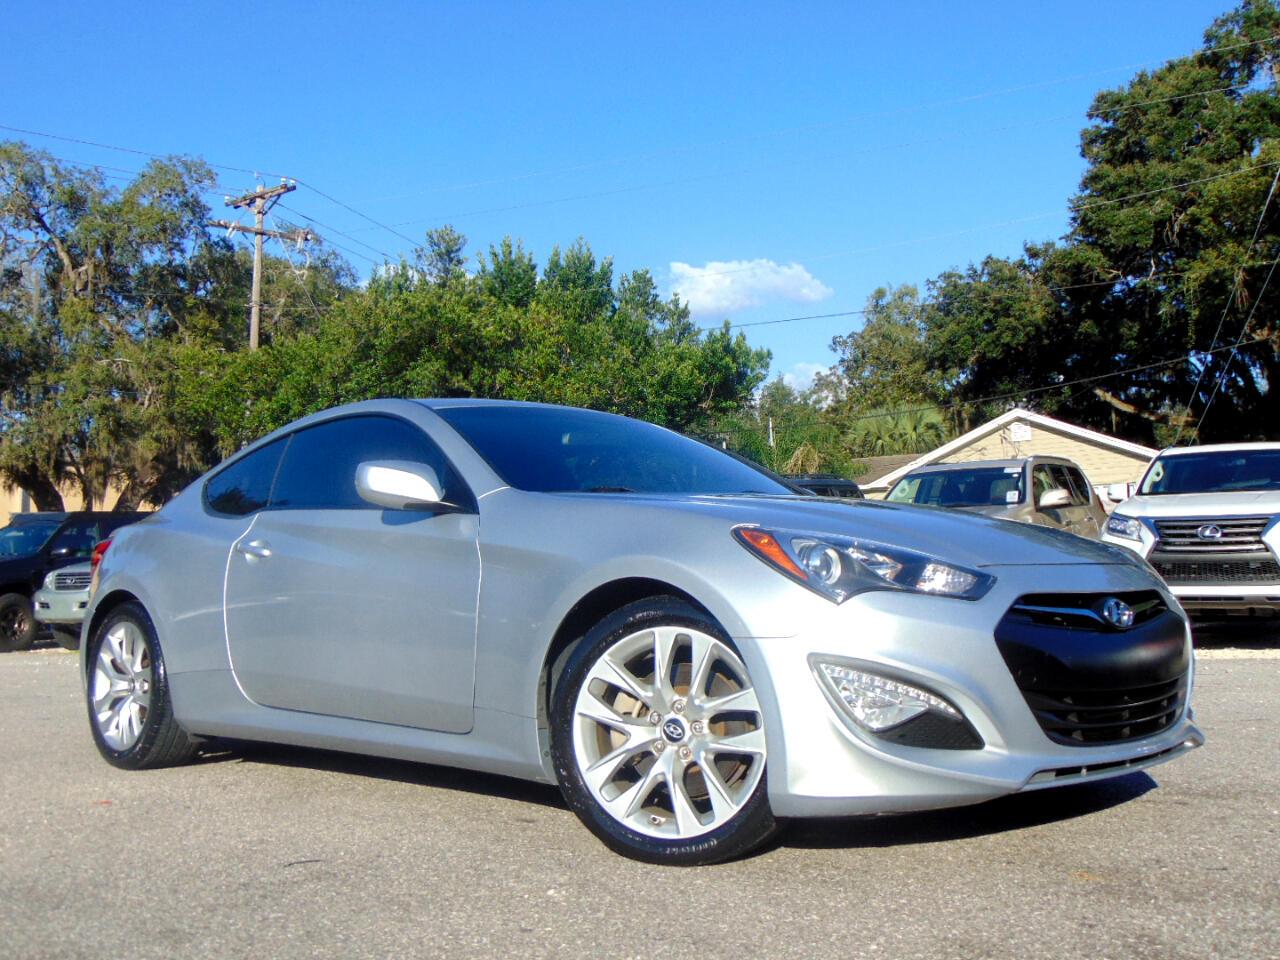 Hyundai Genesis Coupe 2.0T Auto 2013